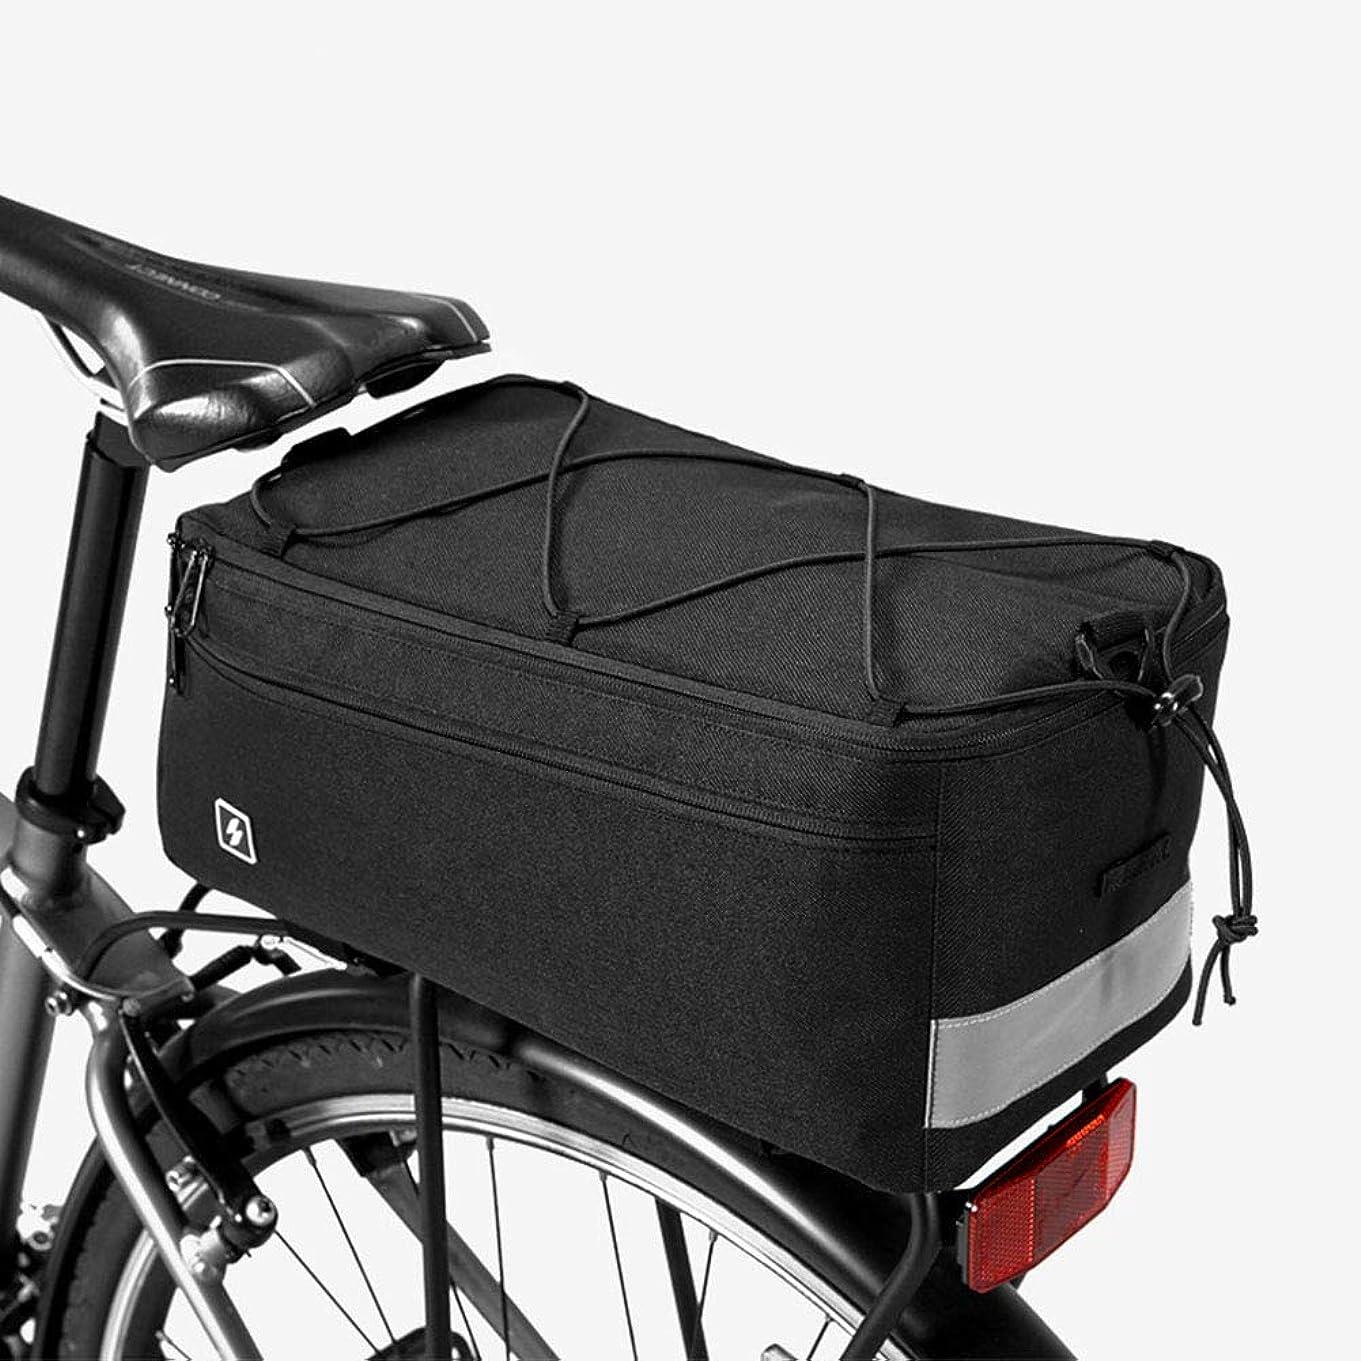 副詞ミュートサイクリングバイクバッグ 防水 自転車キャリアラックパニエバッグ ストラップラック リアトランクトートバッグ 強力なベルクロ ジッパーポケット